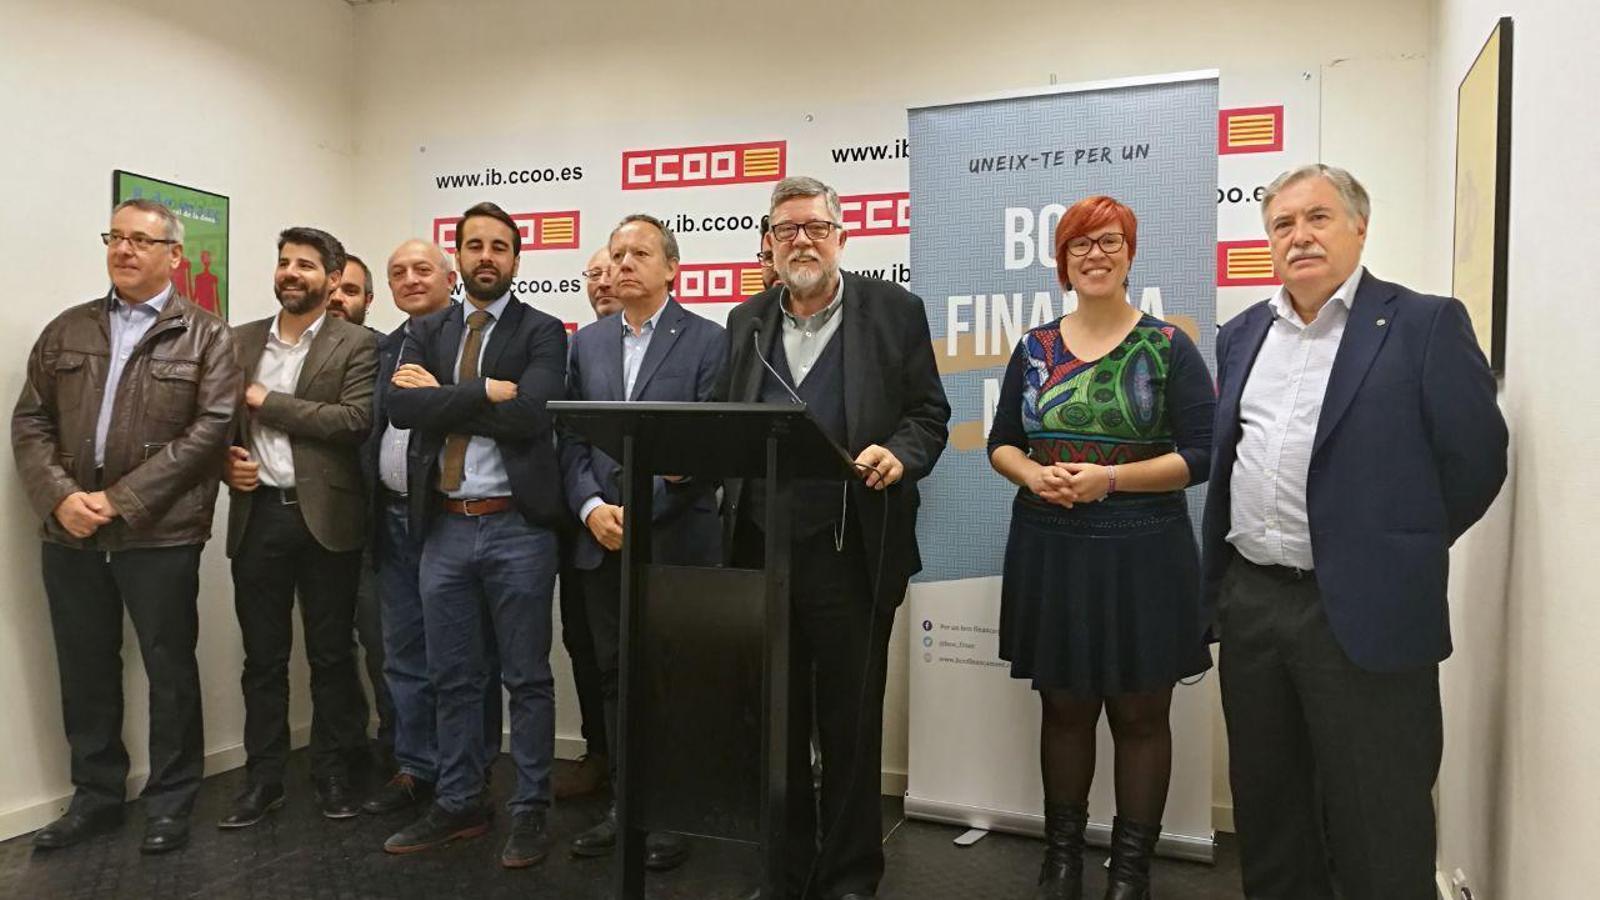 Diferents representants de les plataformes valenciana i mallorquina per a la millora del finançament.